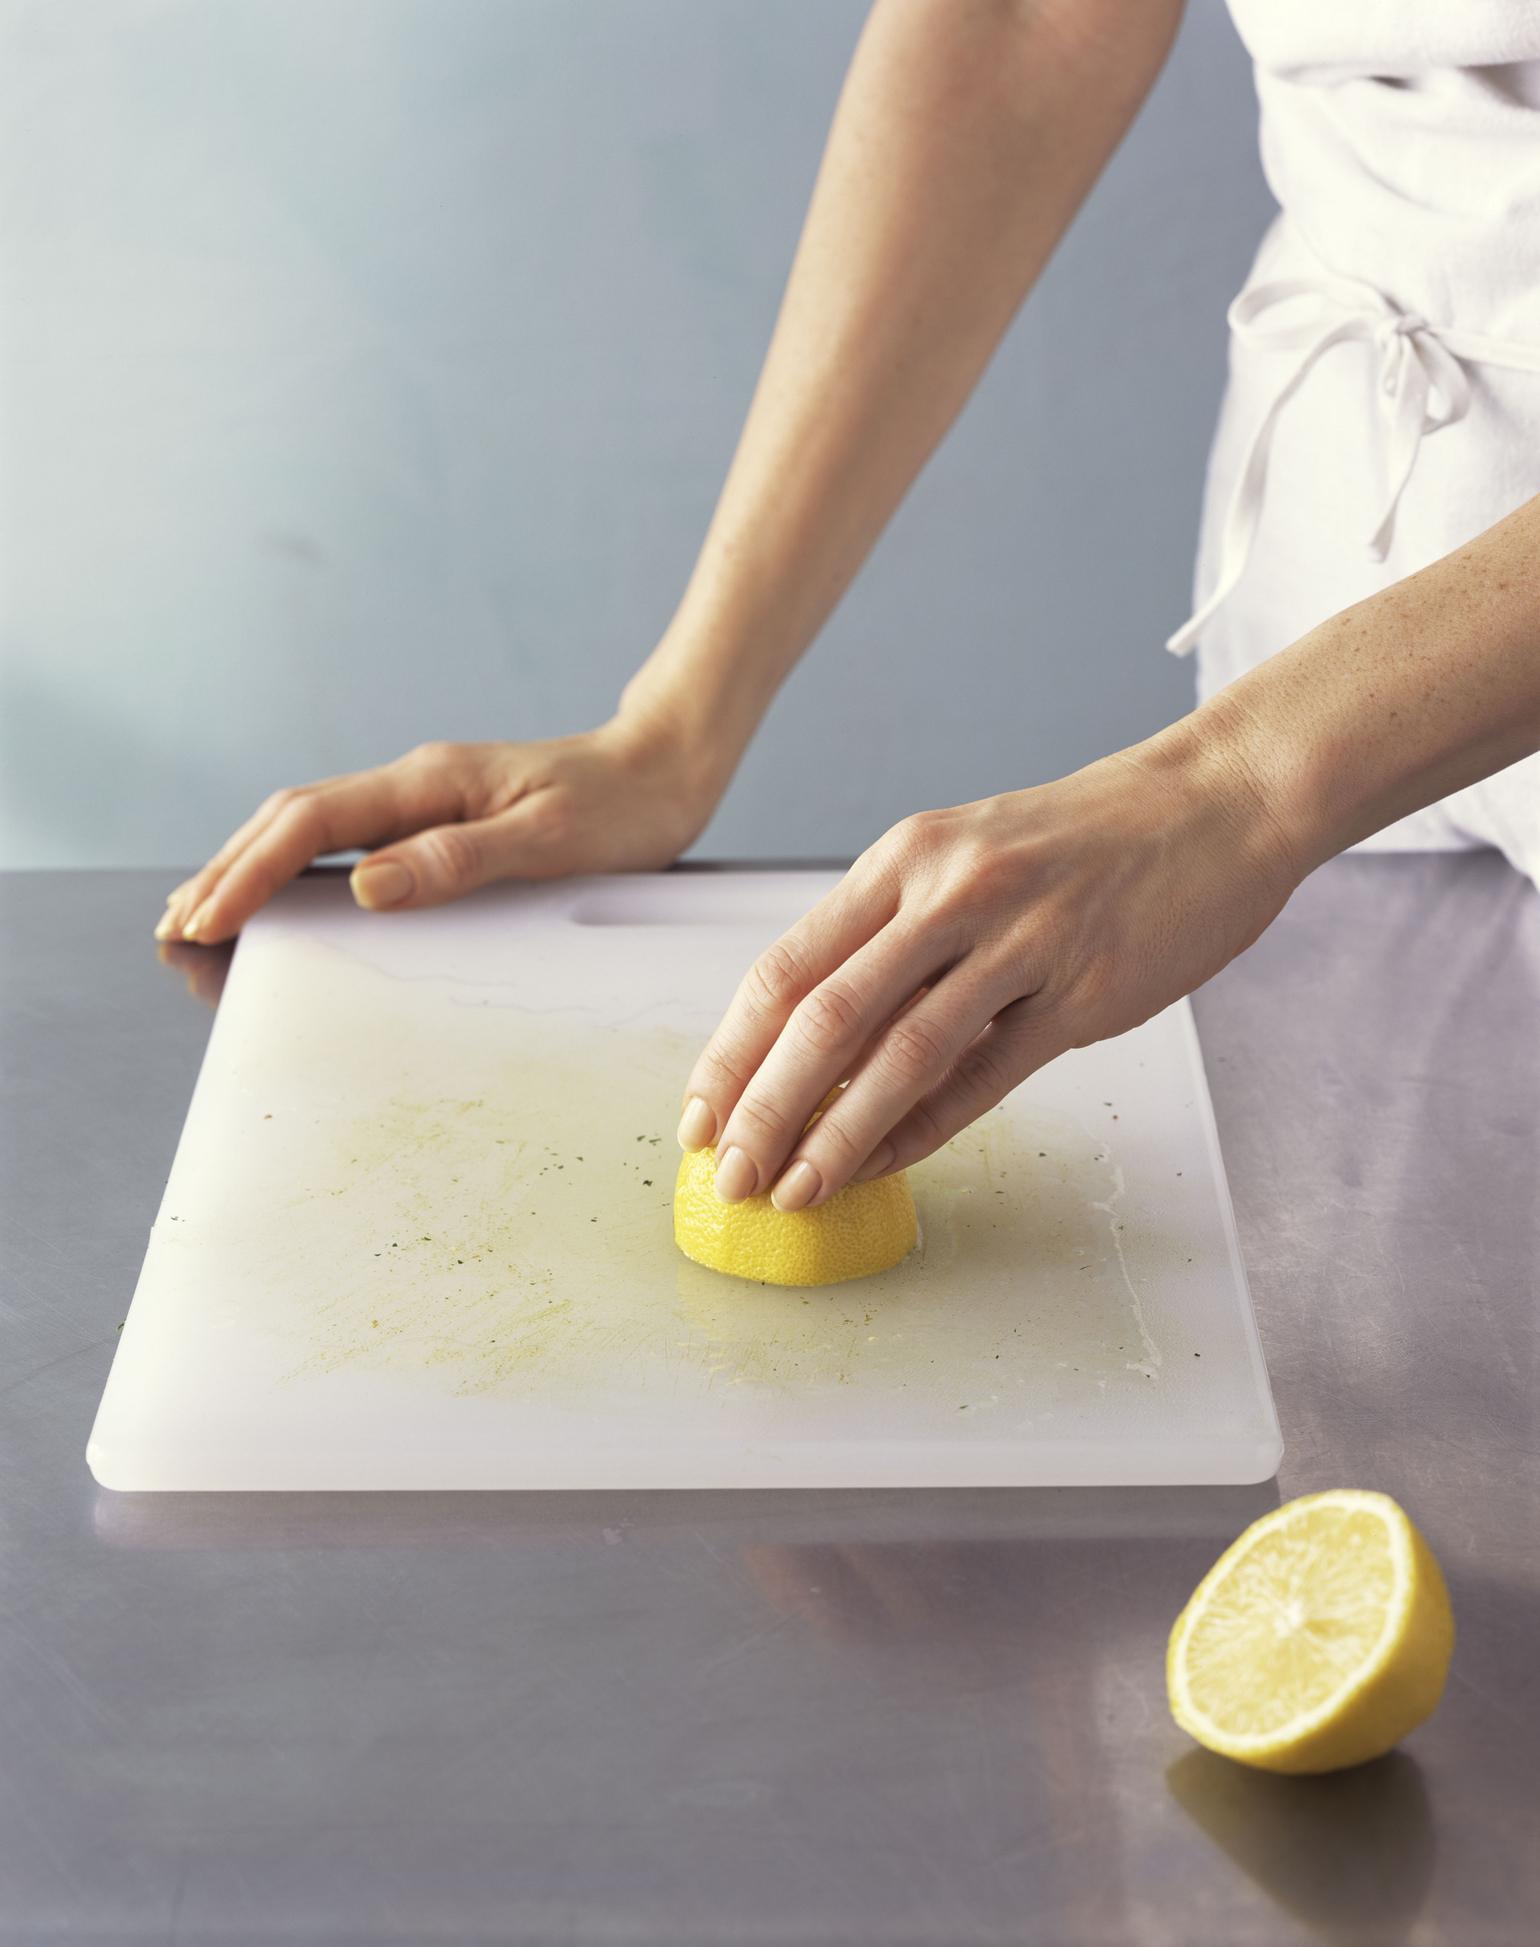 A-tól C-itromig! Minden, amit tudnod kell a citrommal való takarításról